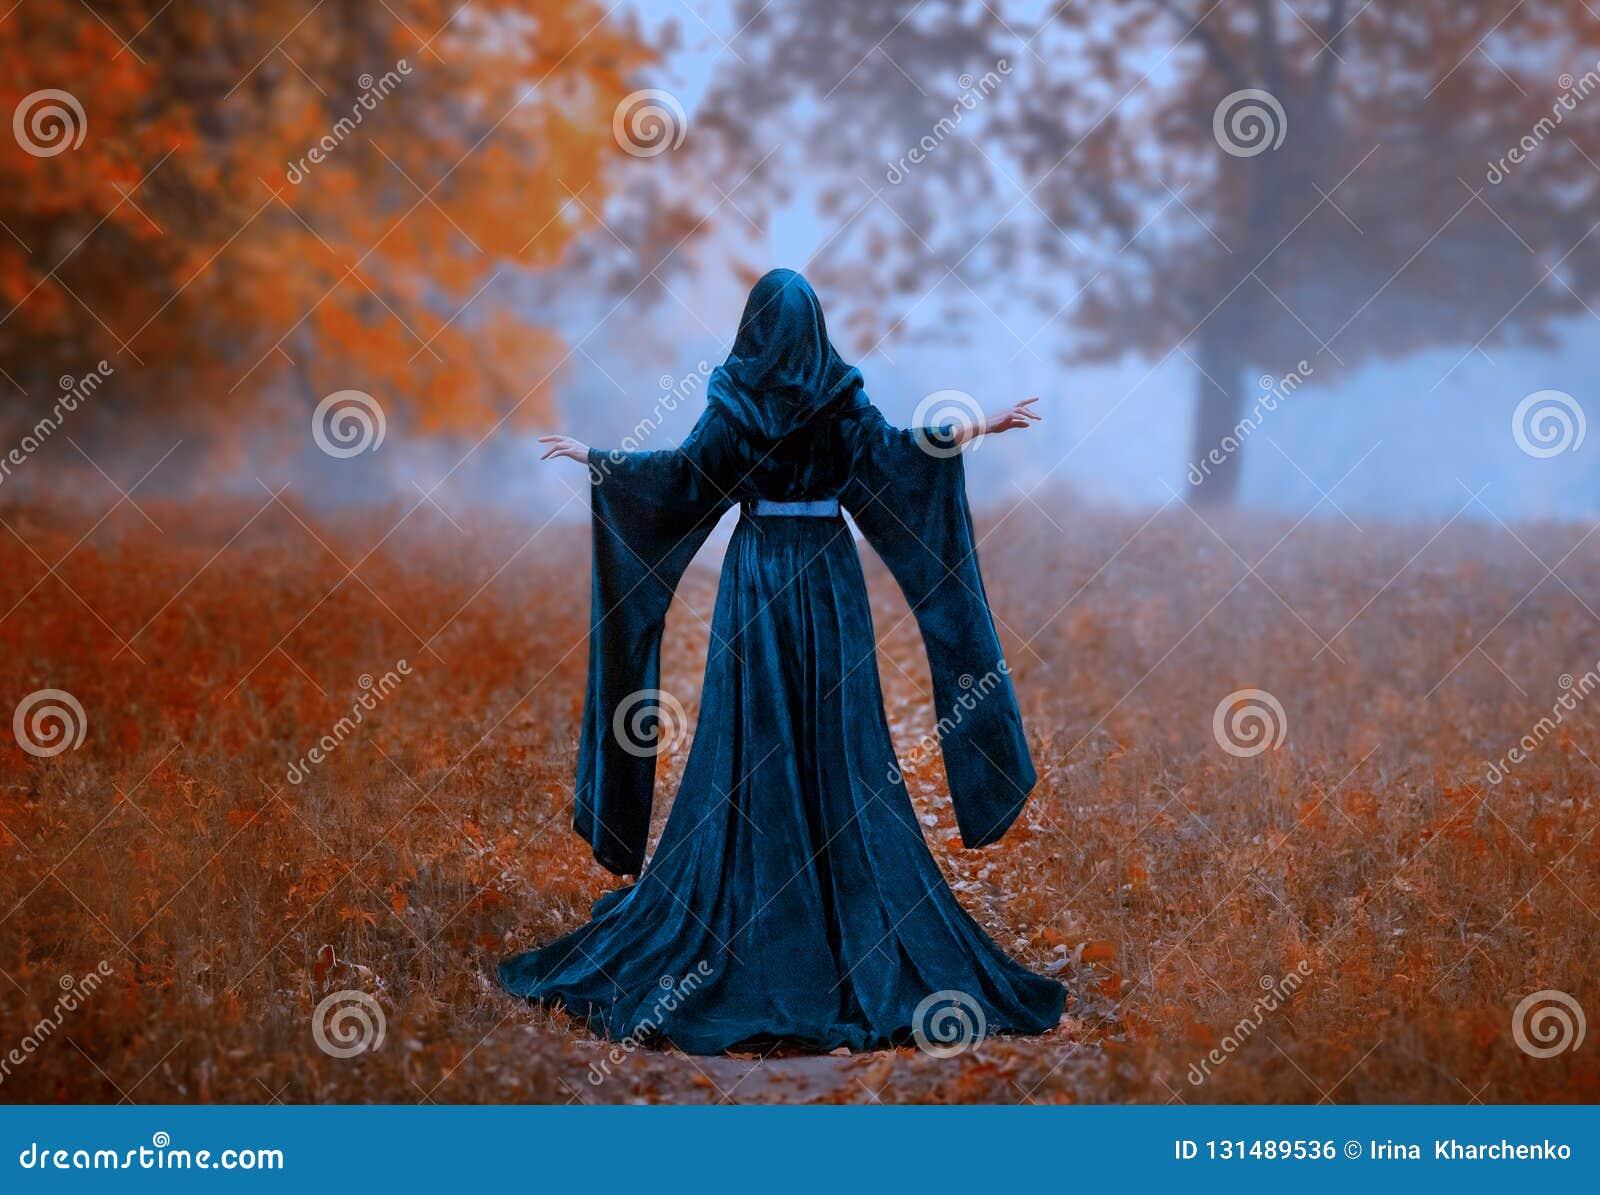 Den unga priestessen rymmer en hemlig ritual av offret, är bara i höstskogen på en stor glänta den flydda drottningen bar